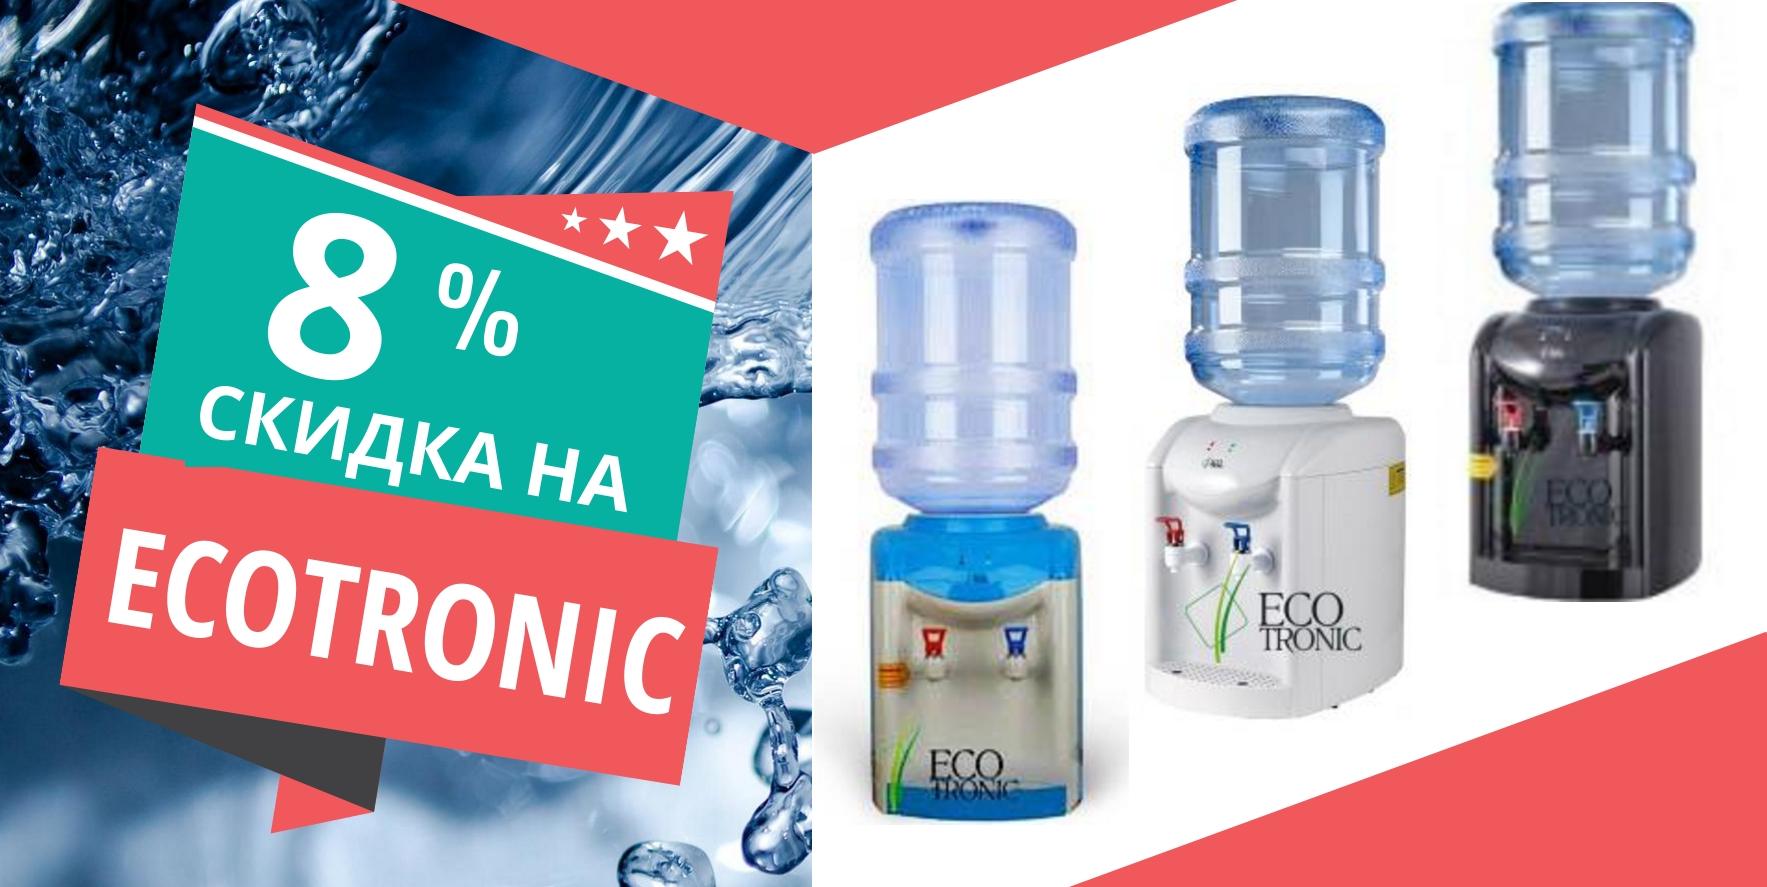 8% скидки на Ecotronic K1-TE blue, white, black